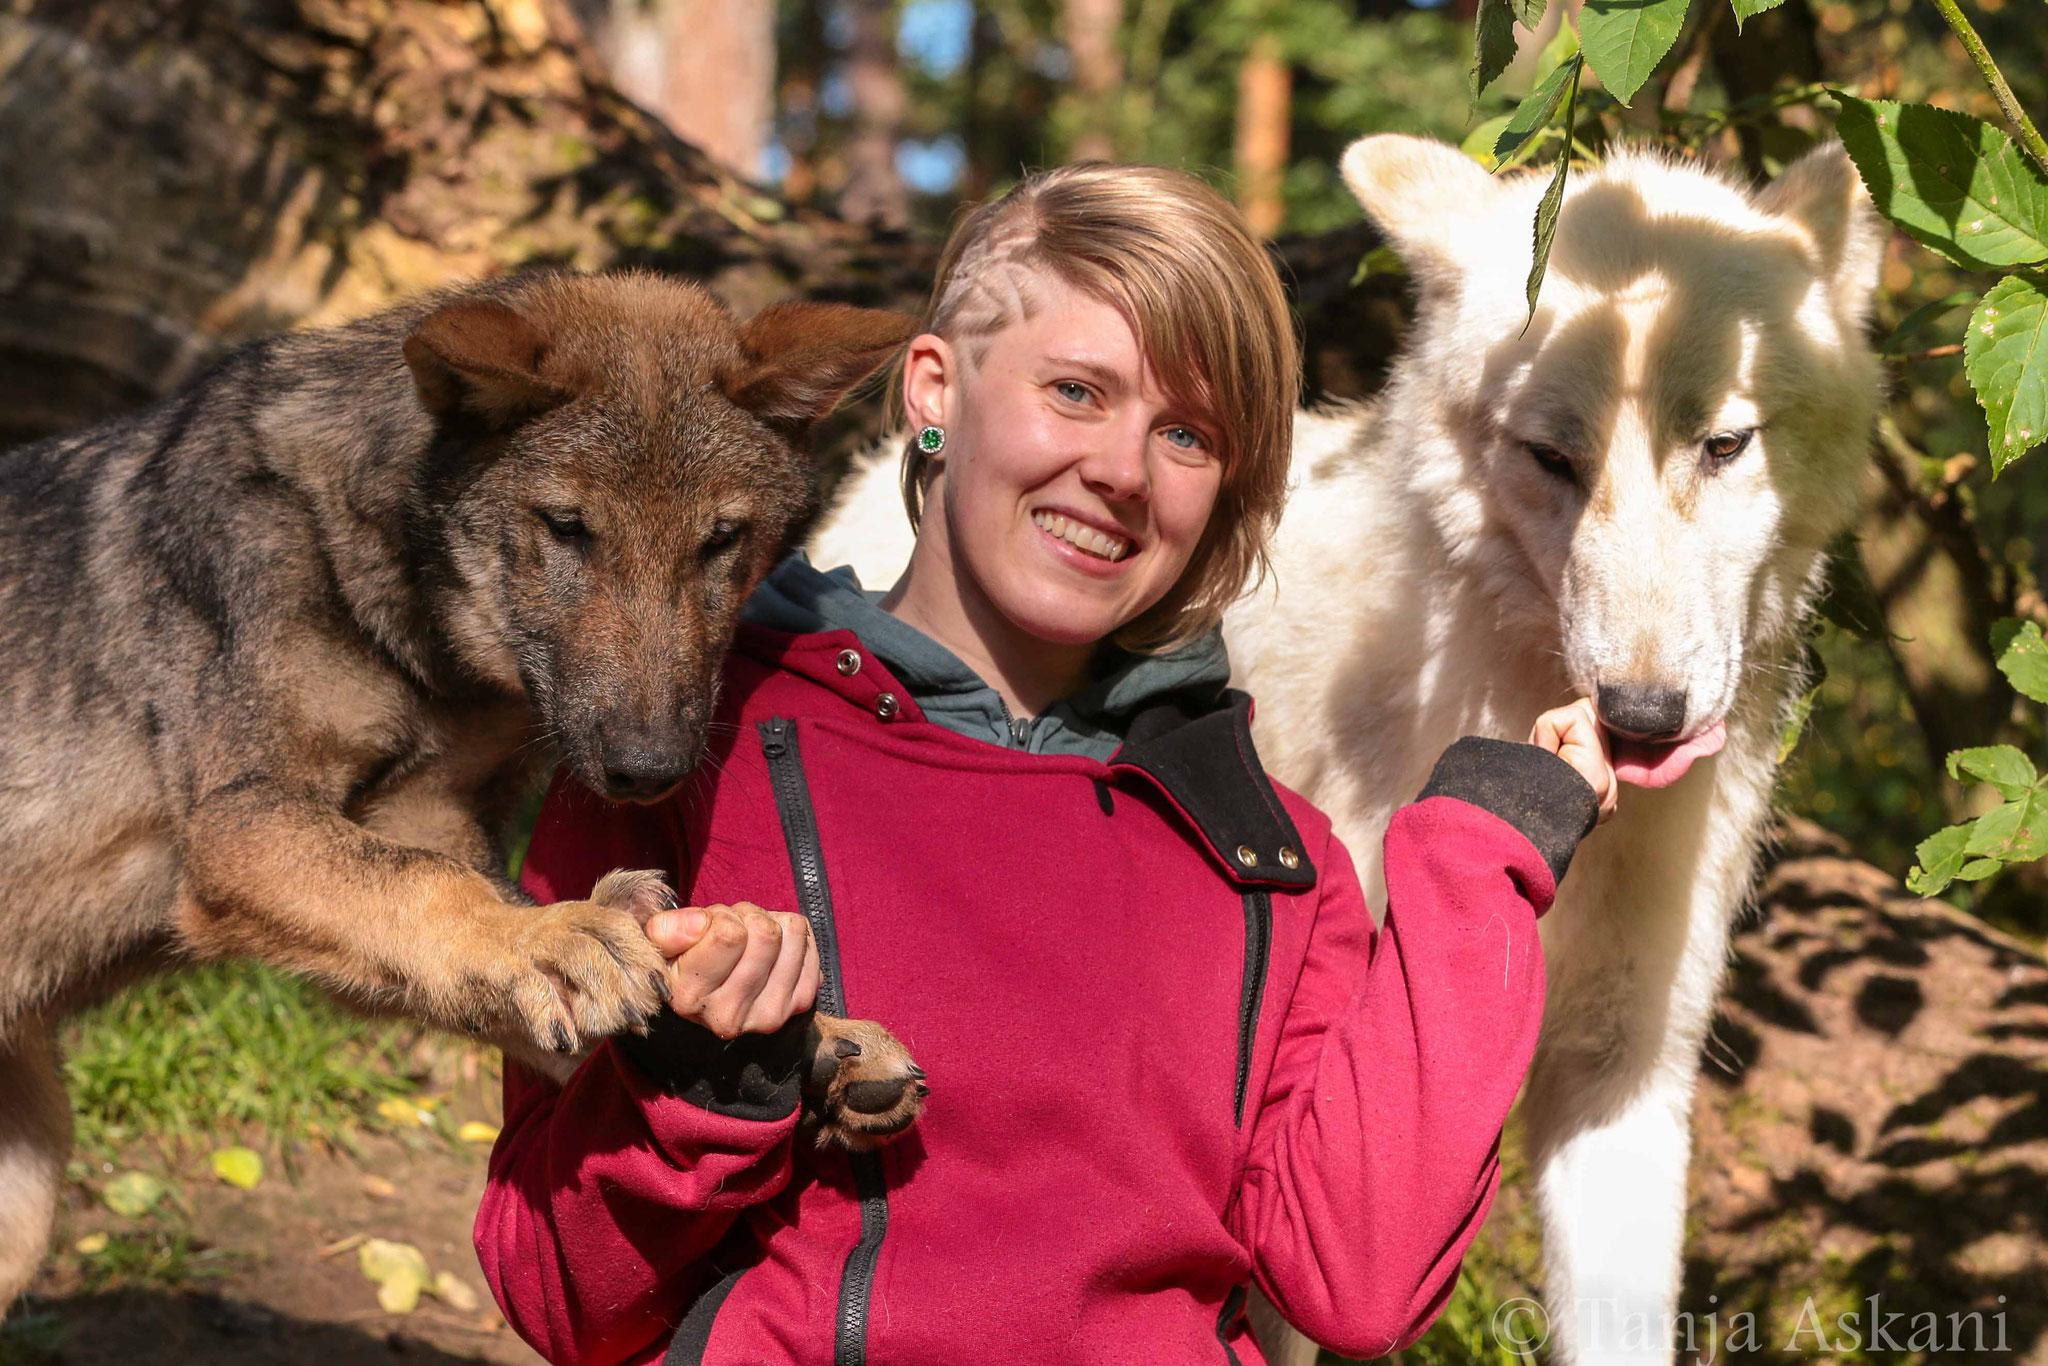 September 2017 - Besuch bei Tanja Askani und ihren Wölfen